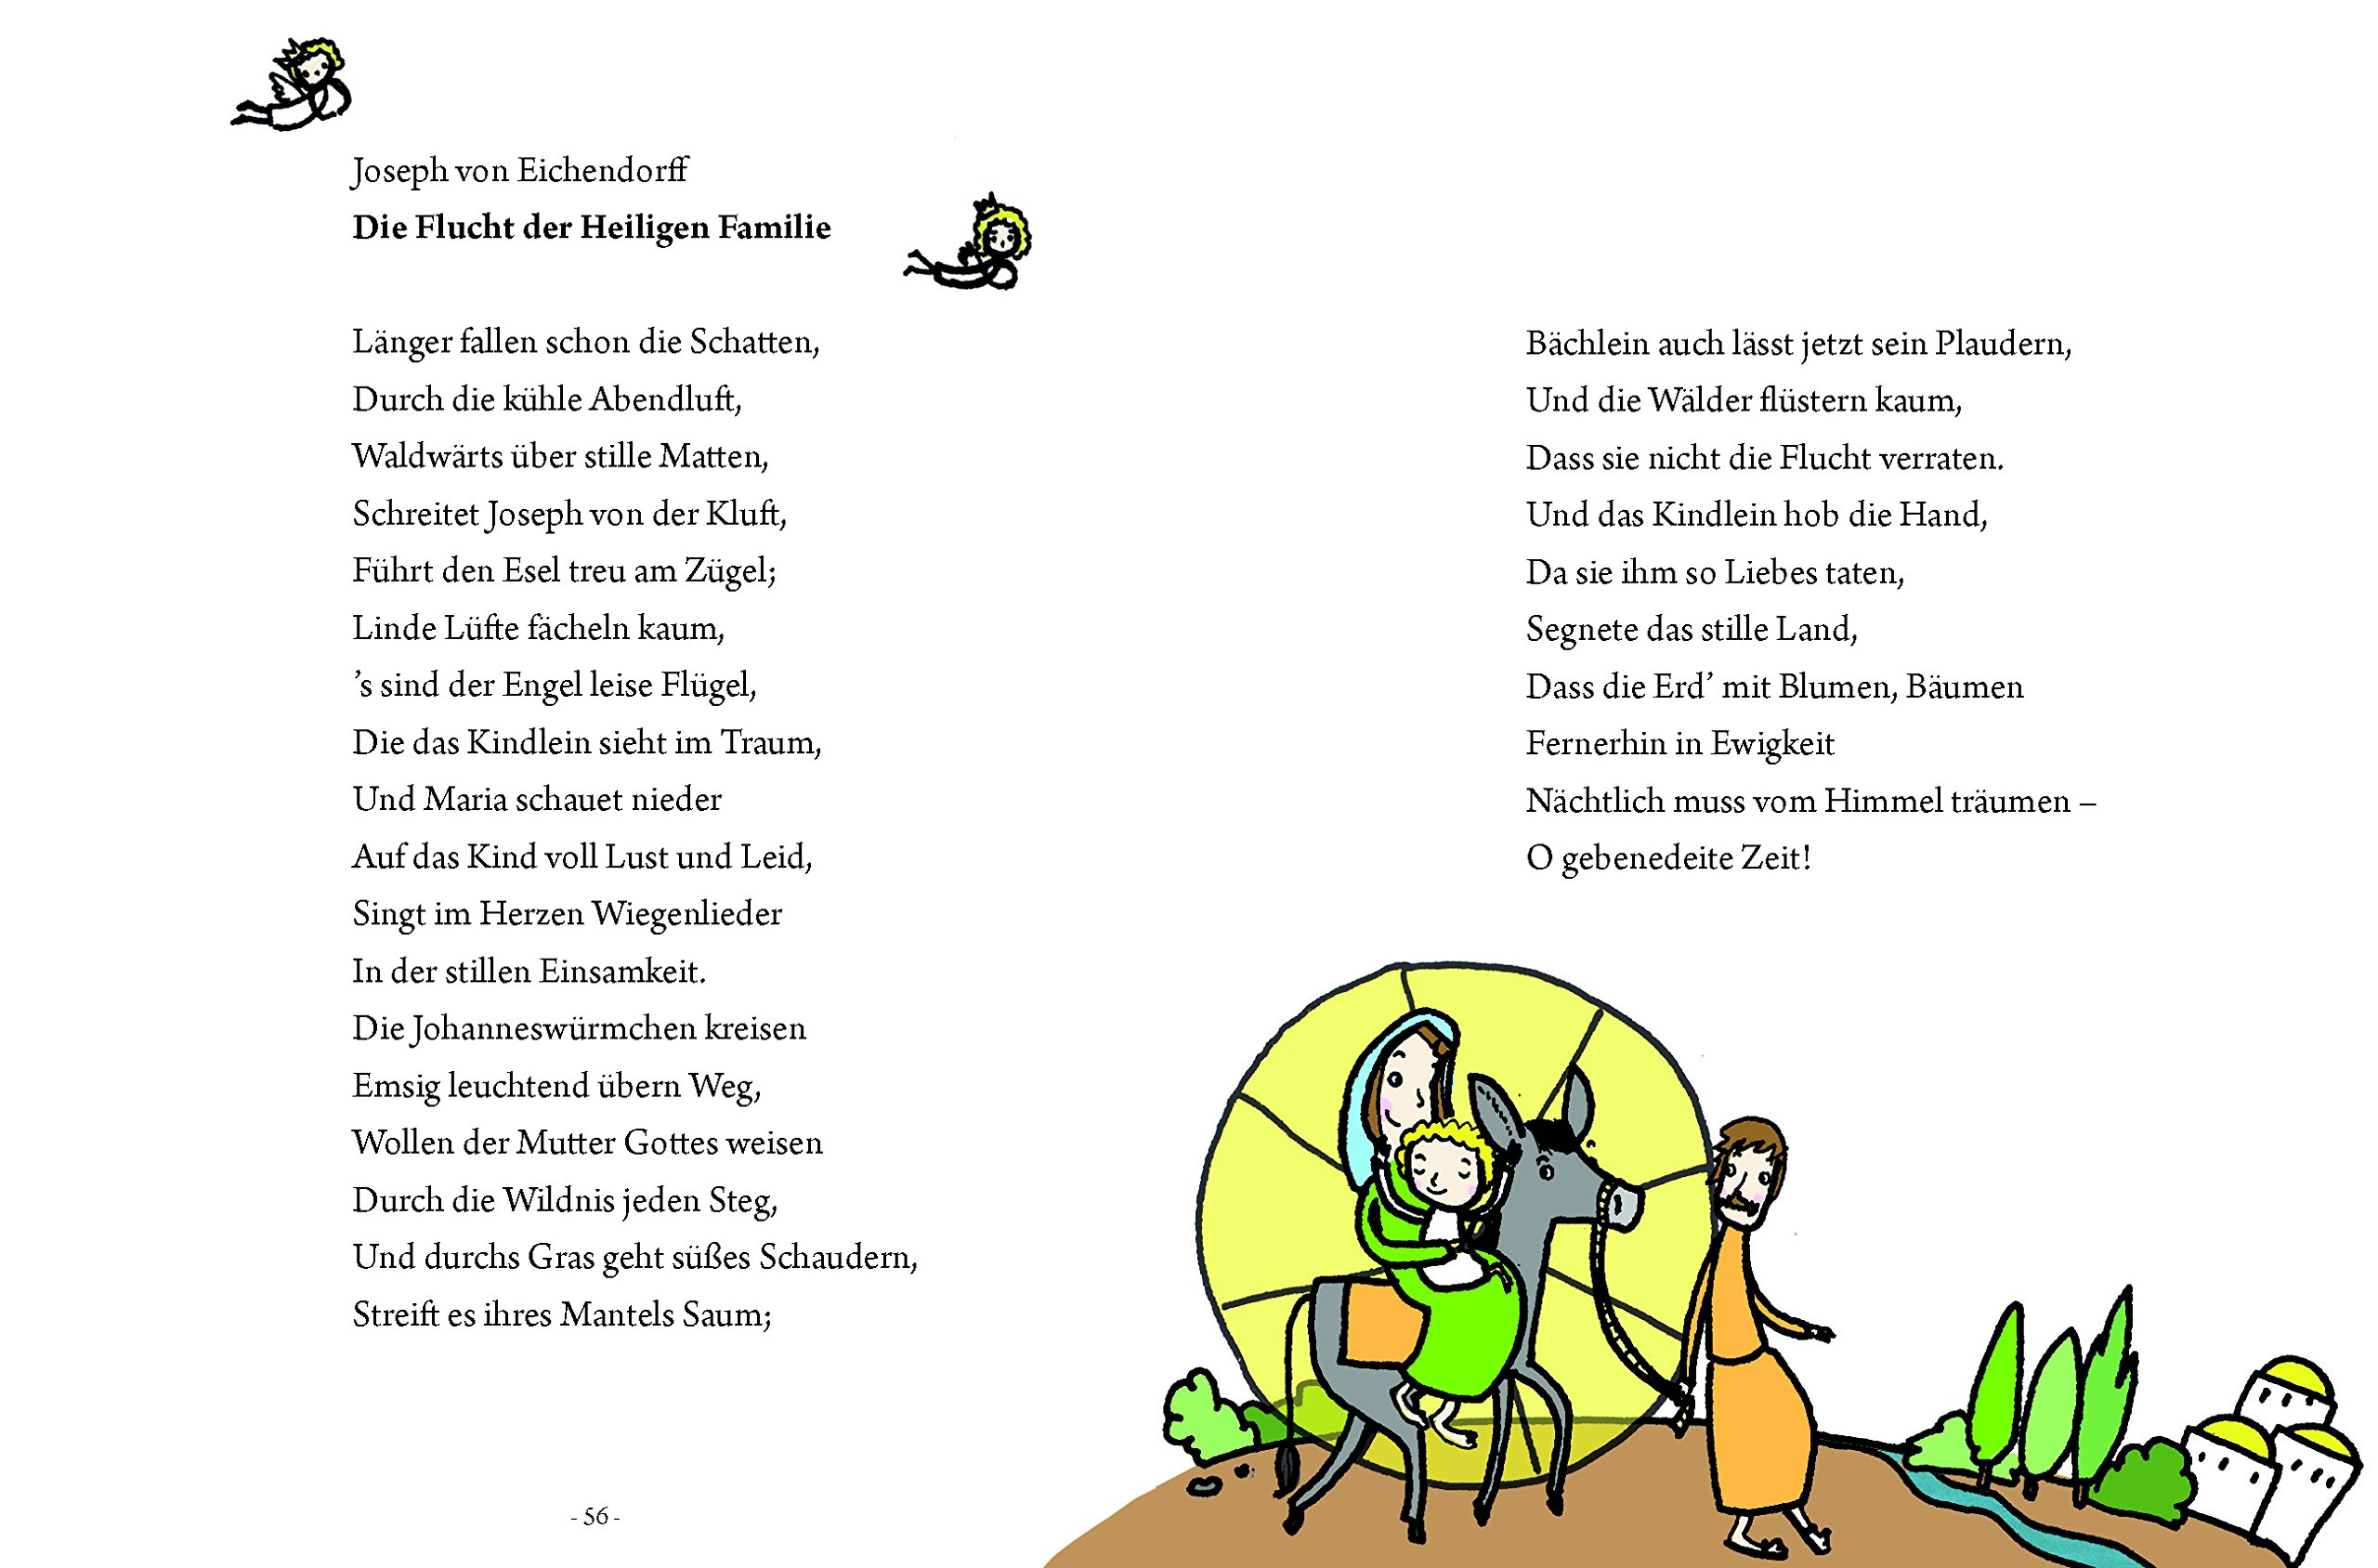 Weihnachtsgedichte Kinder Grundschule.Das Große Kleine Buch Weihnachtsgedichte Für Kinder Amazon De